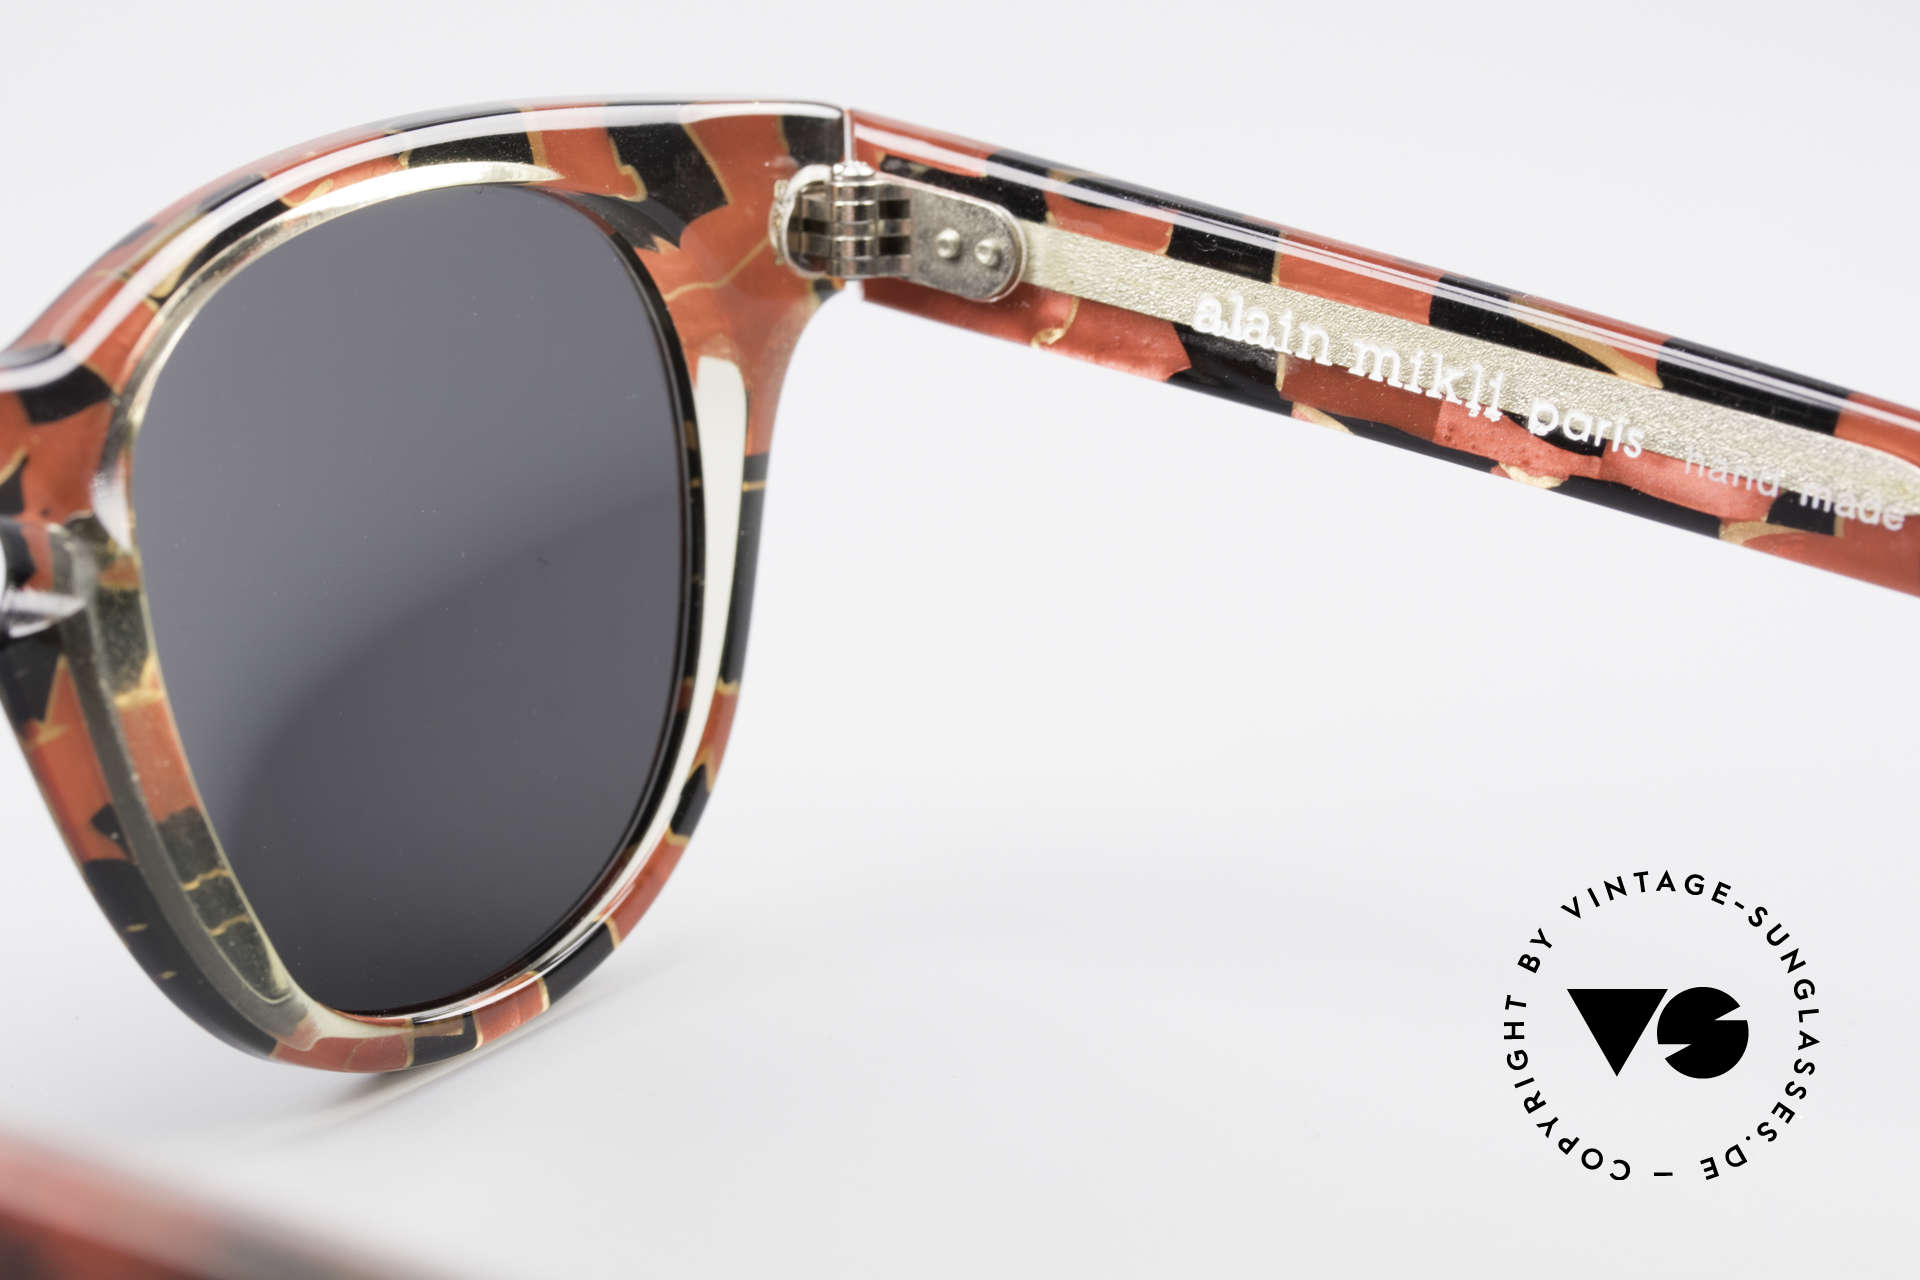 Alain Mikli 903 / 687 80er Panto Sonnenbrille Small, KEINE Retromode, sondern ein altes Mikli-Original, Passend für Herren und Damen